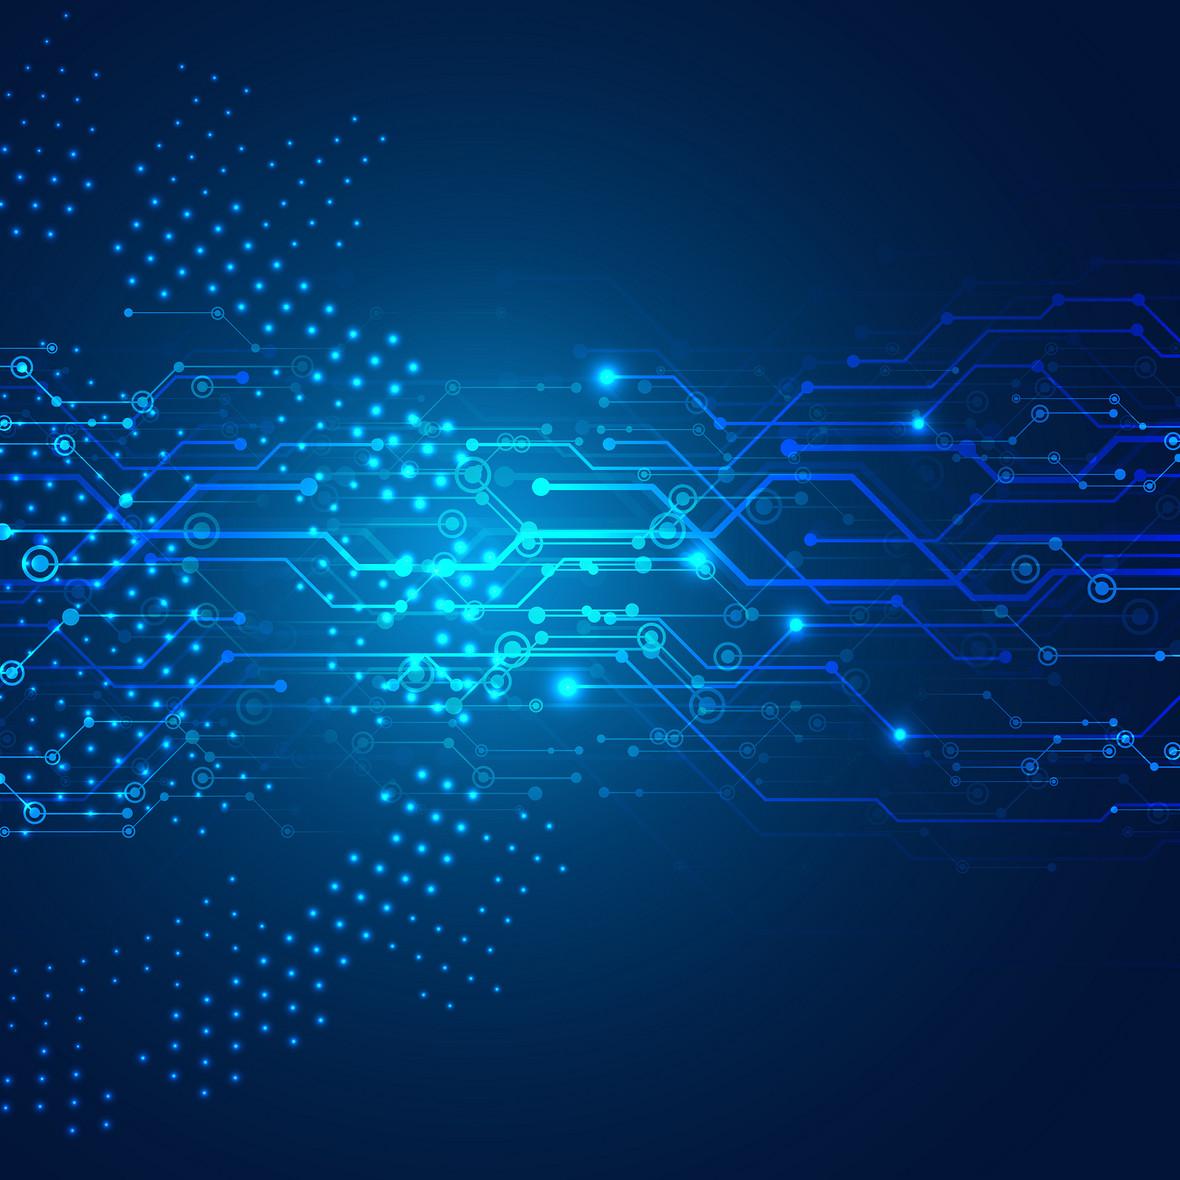 科技商务电路蓝色质感背景素材